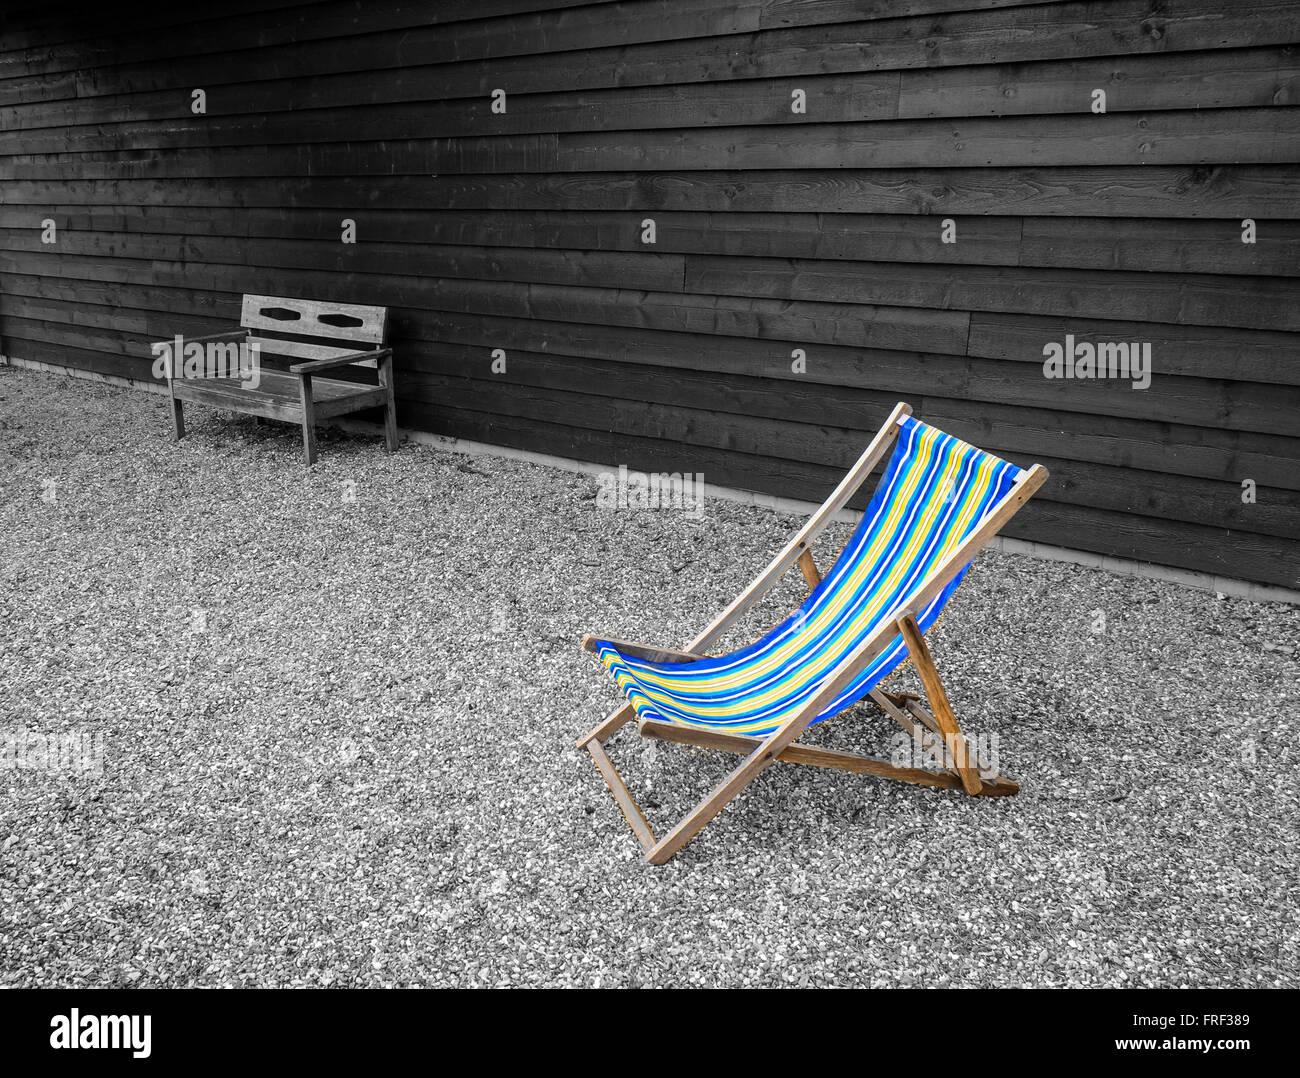 blue-deckchair-on-mono-background-milton